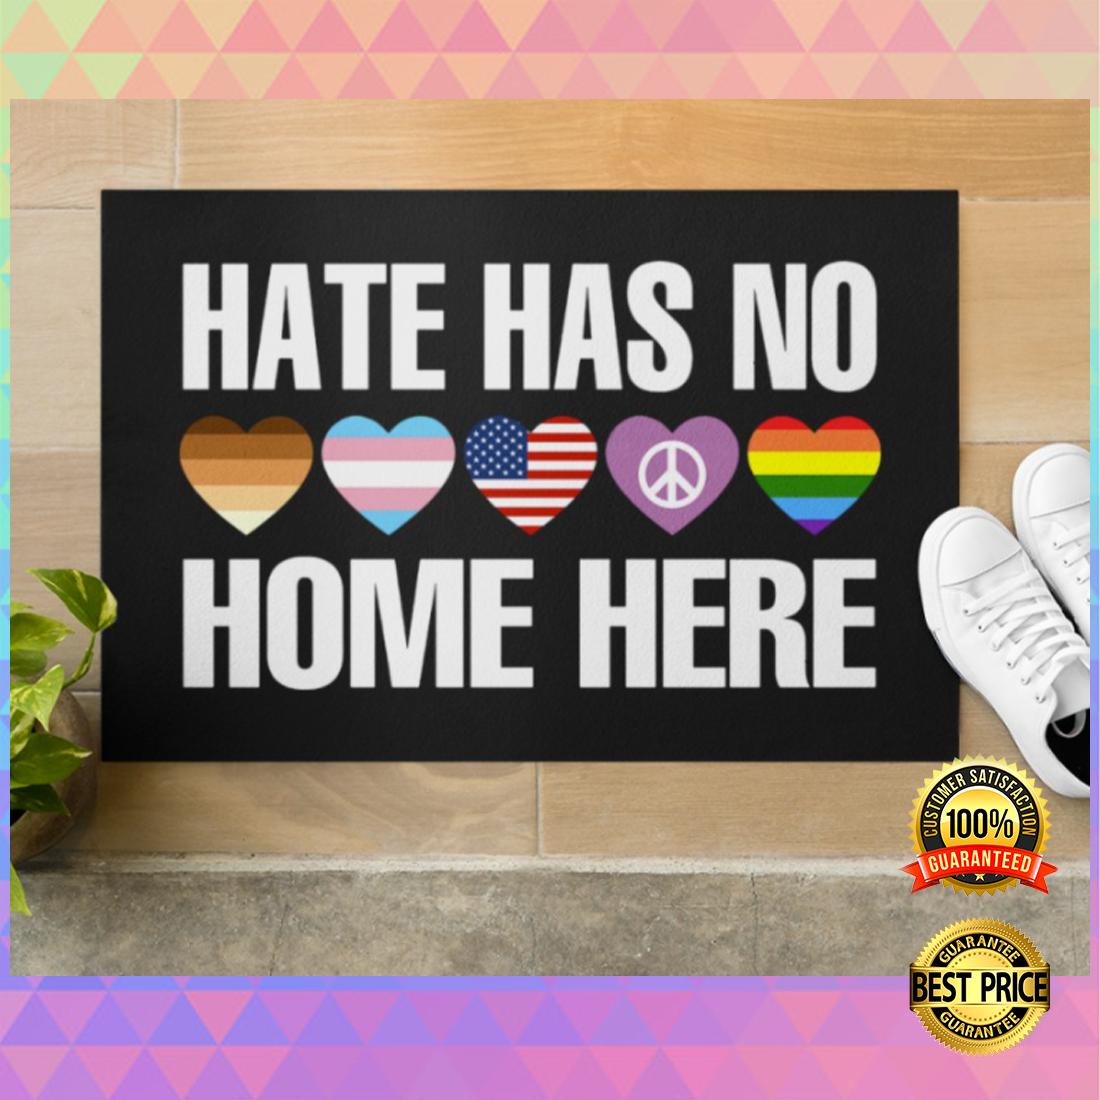 Hate has no home here doormat 5